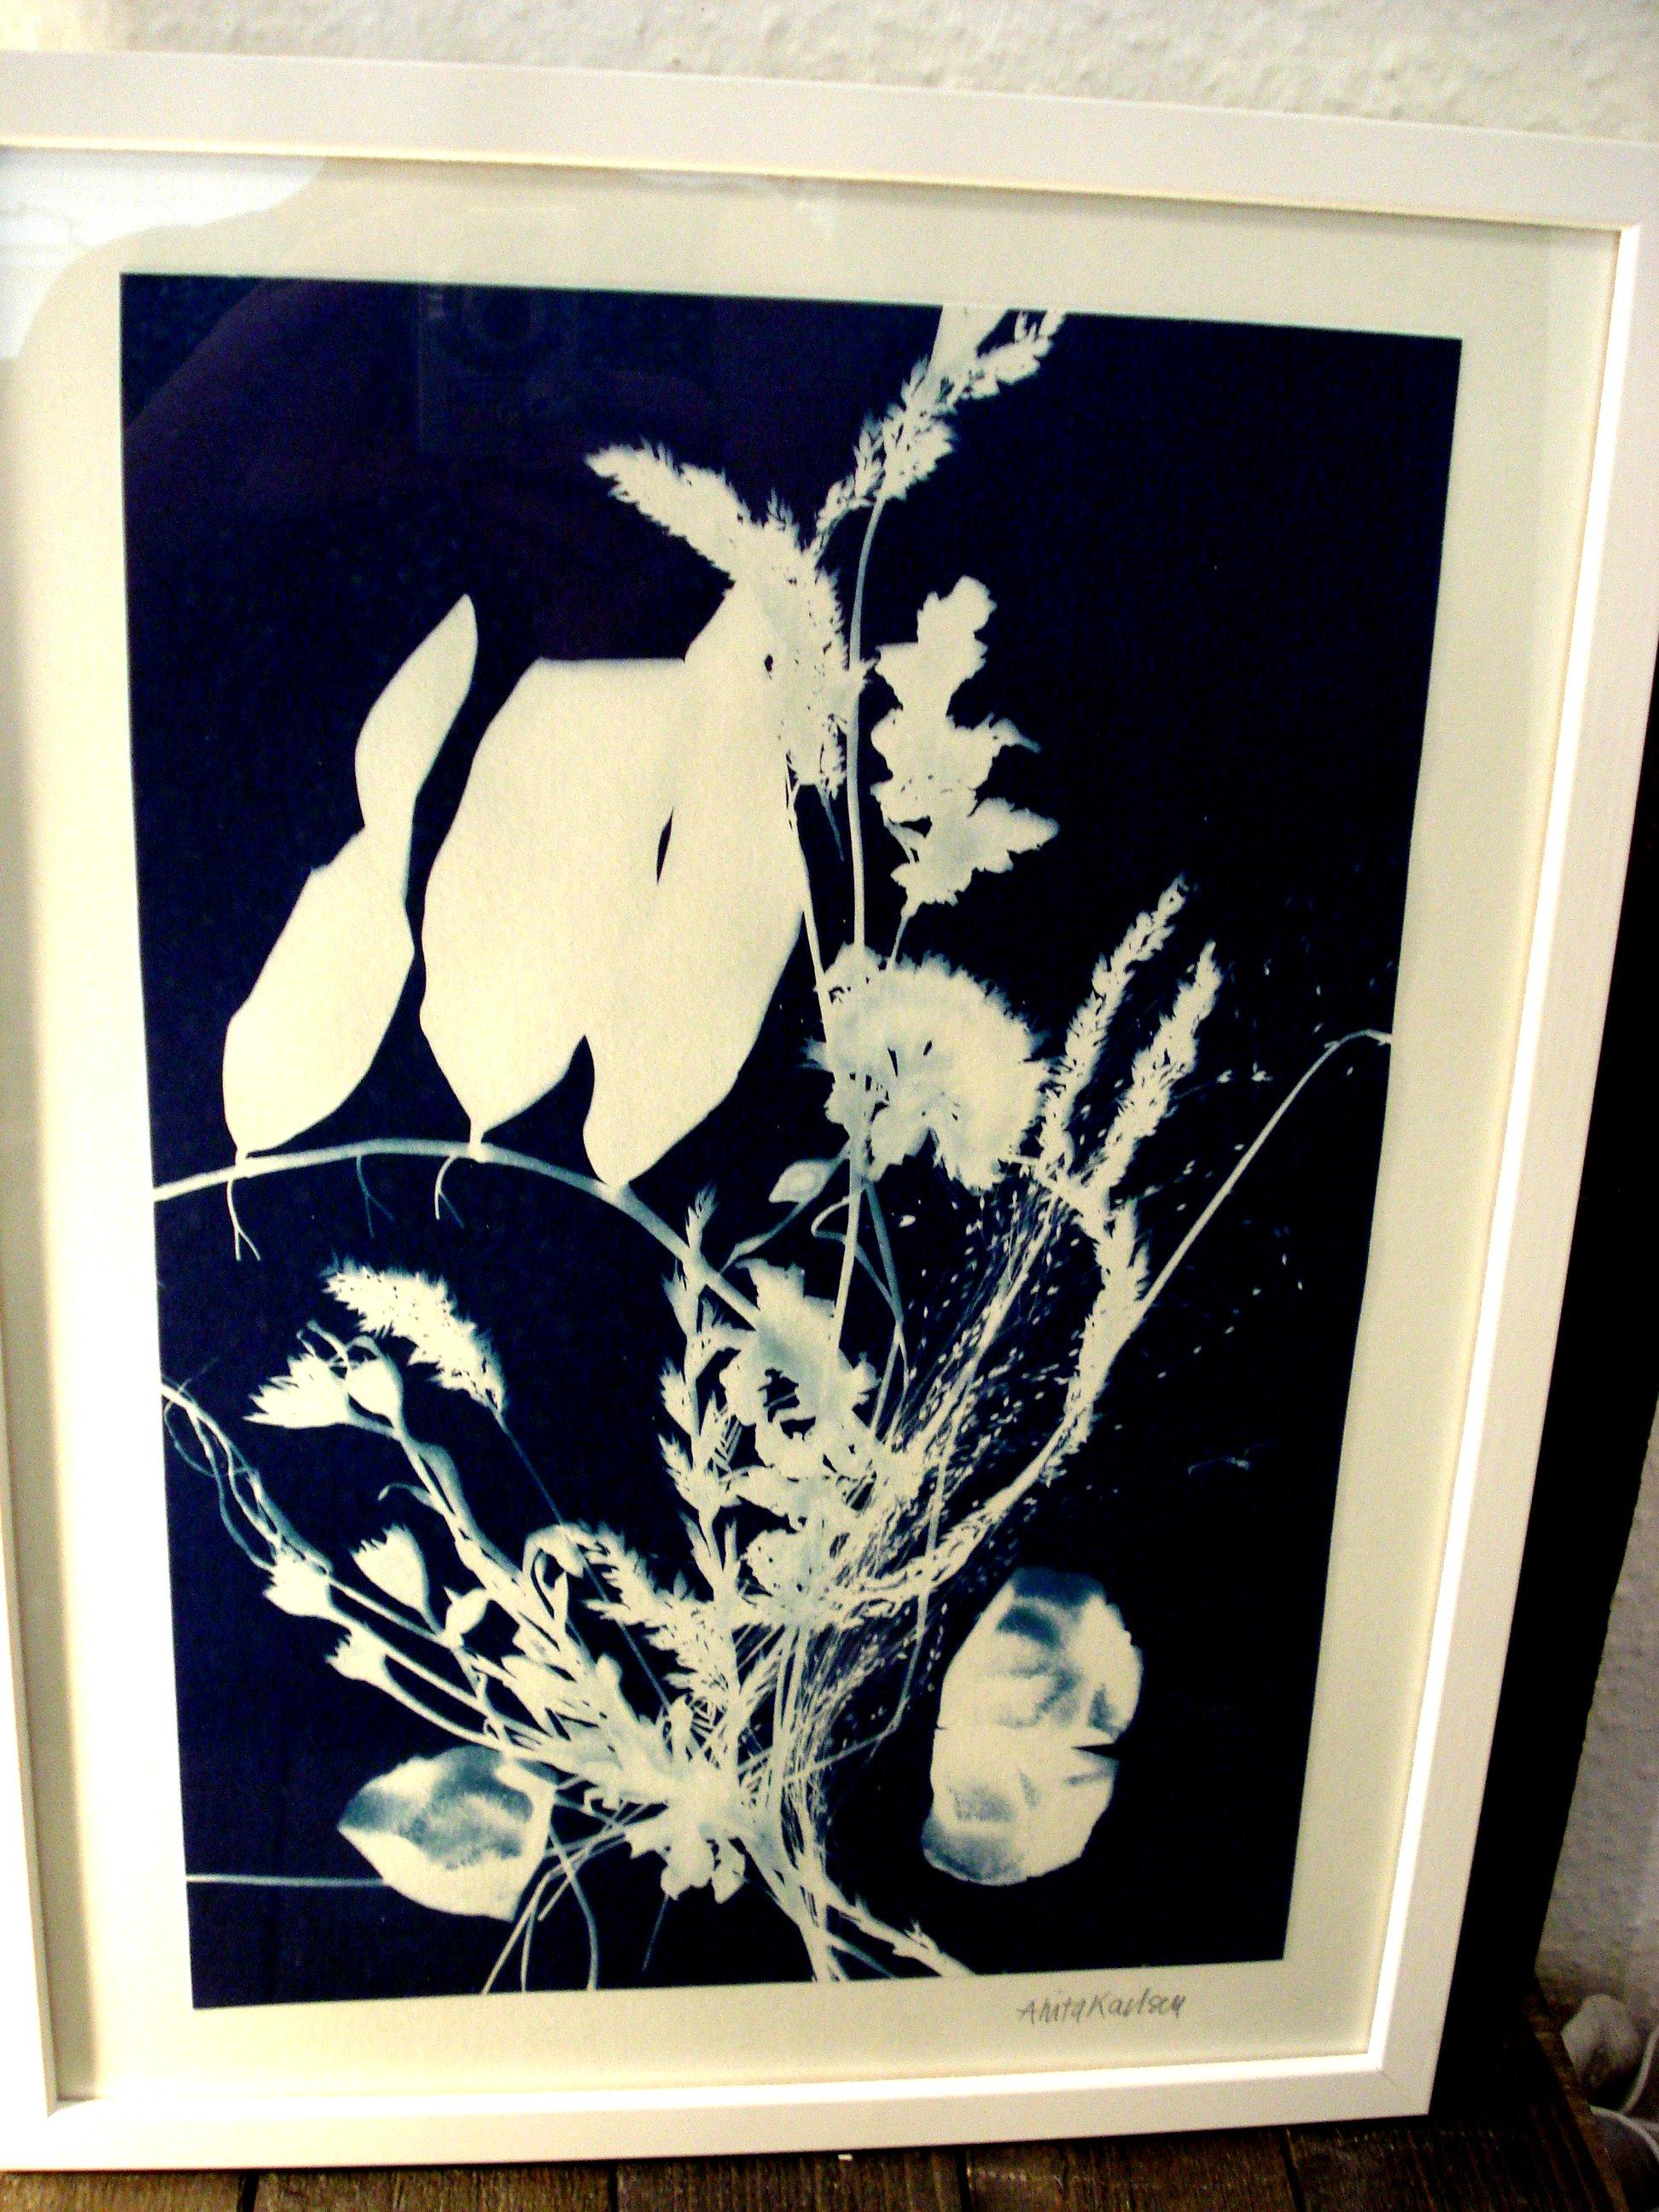 Cyanotopi blomsterbuket